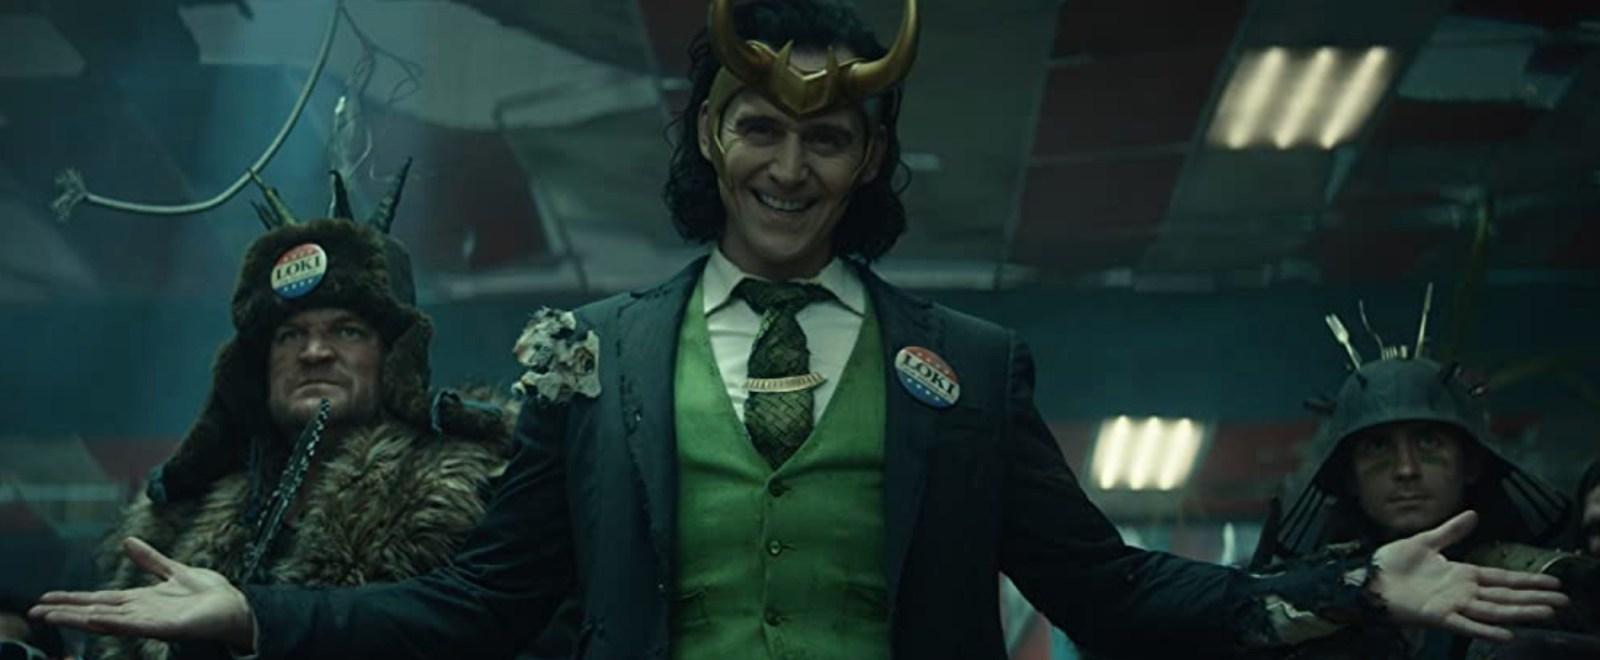 Loki-Courtesy-of-Marvel-Studios.jpg